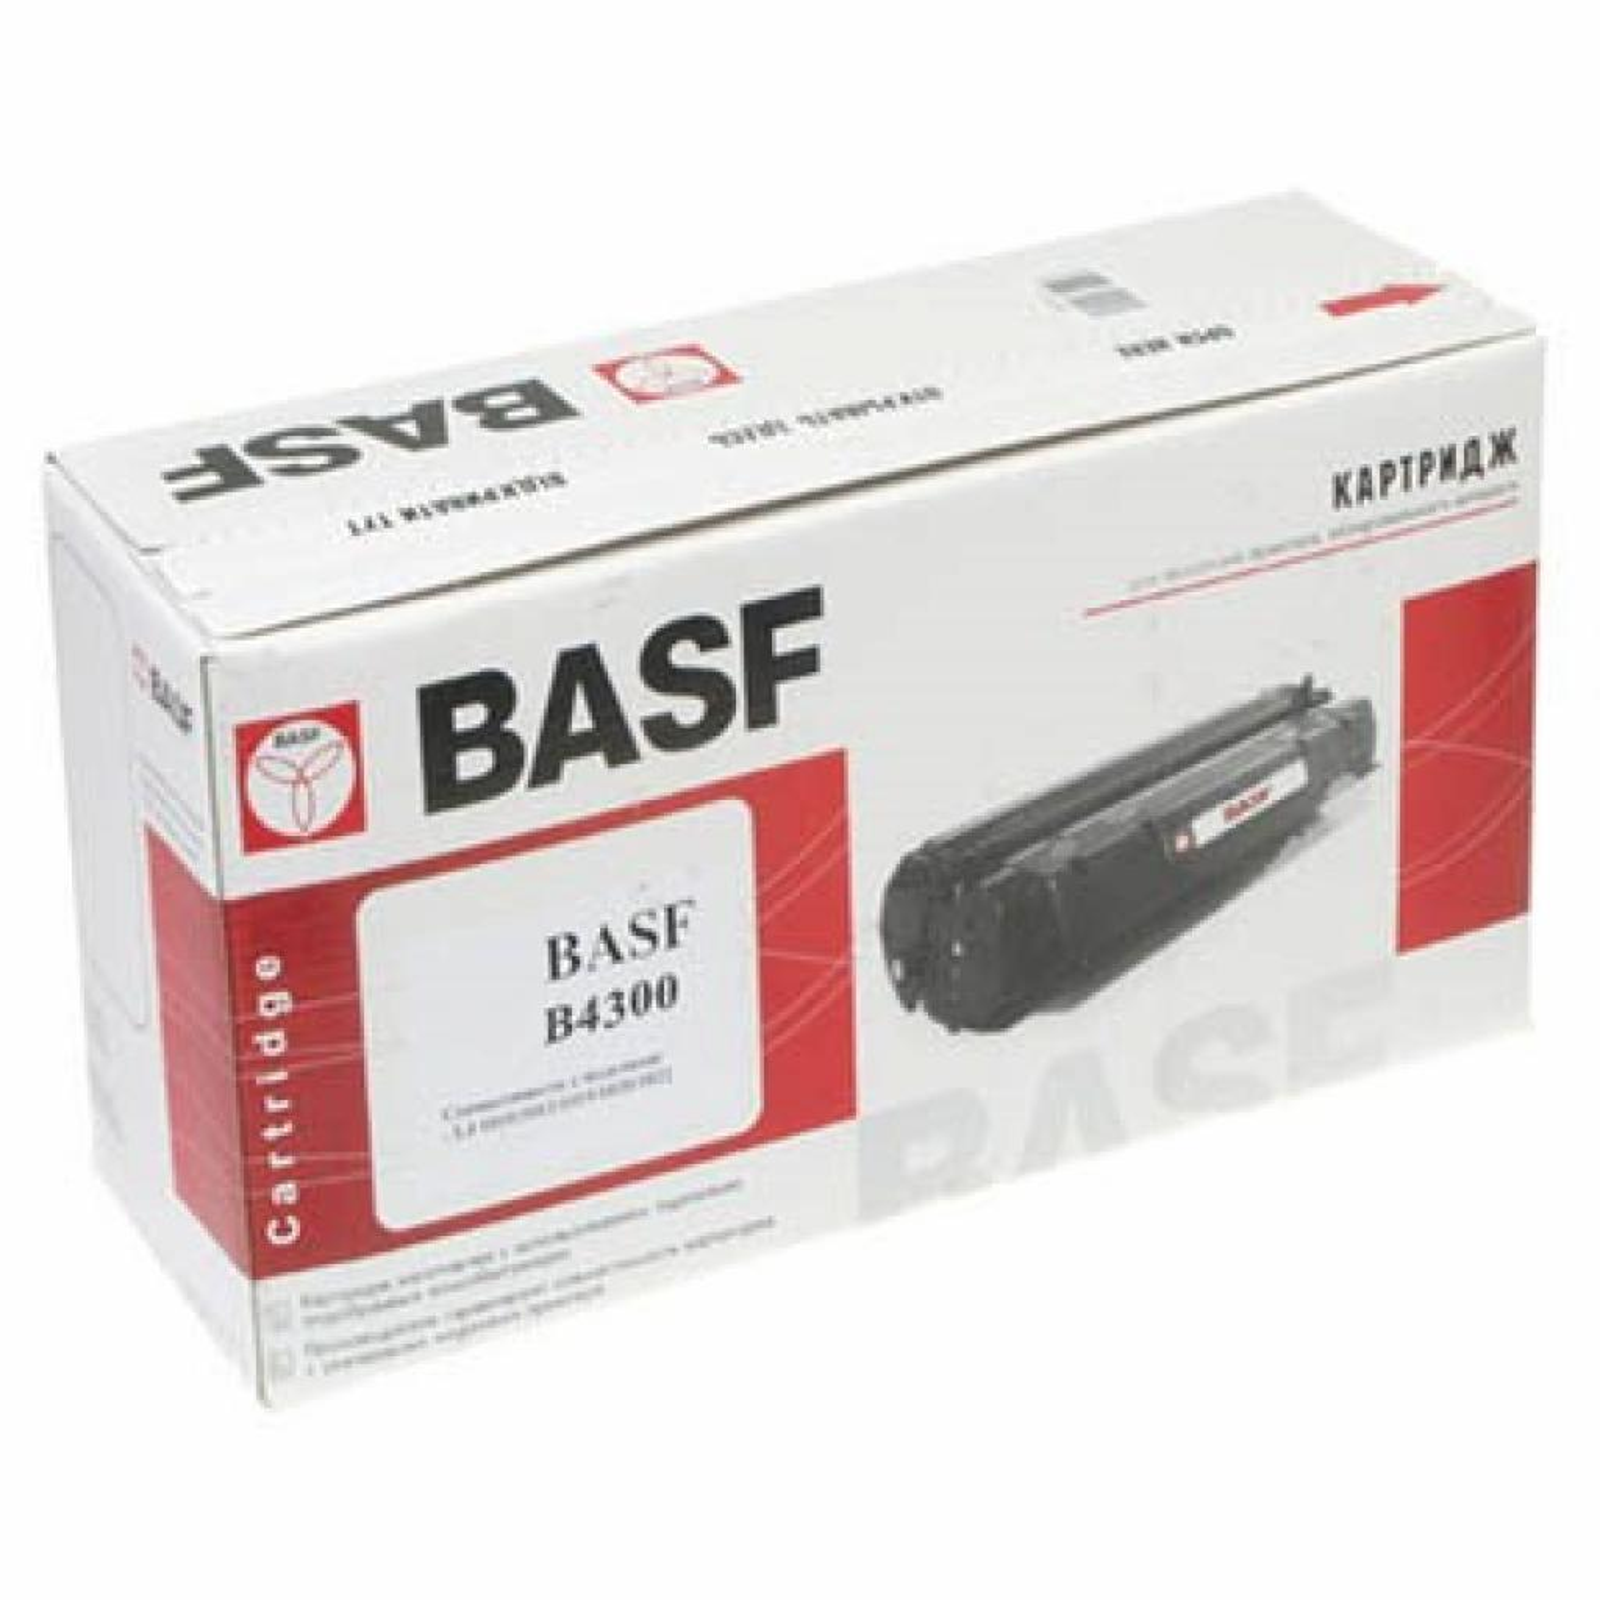 Картридж BASF для Samsung SCX-4300/ XEROX 3116 (B4300)